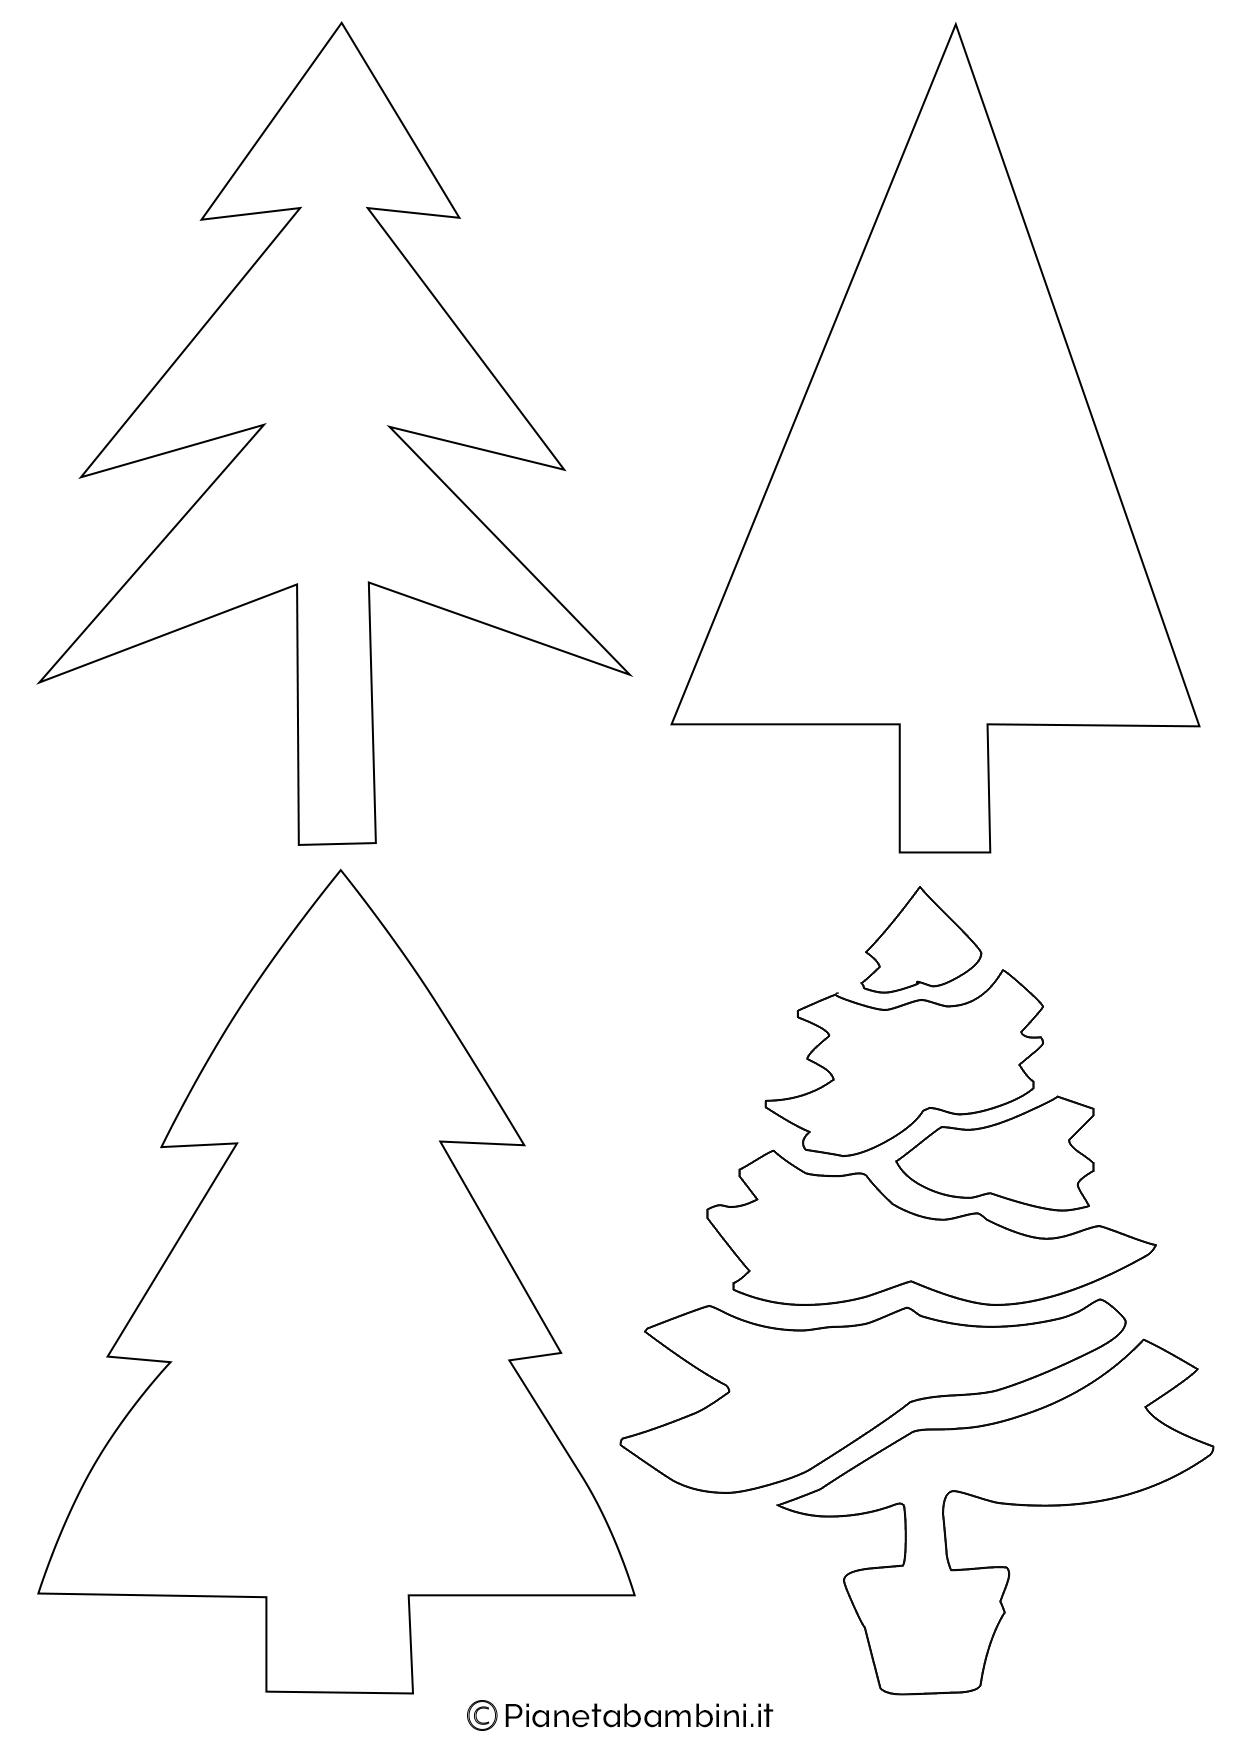 Immagini Di Alberi Di Natale Da Colorare E Stampare.24 Sagome Di Alberi Di Natale Da Stampare E Ritagliare